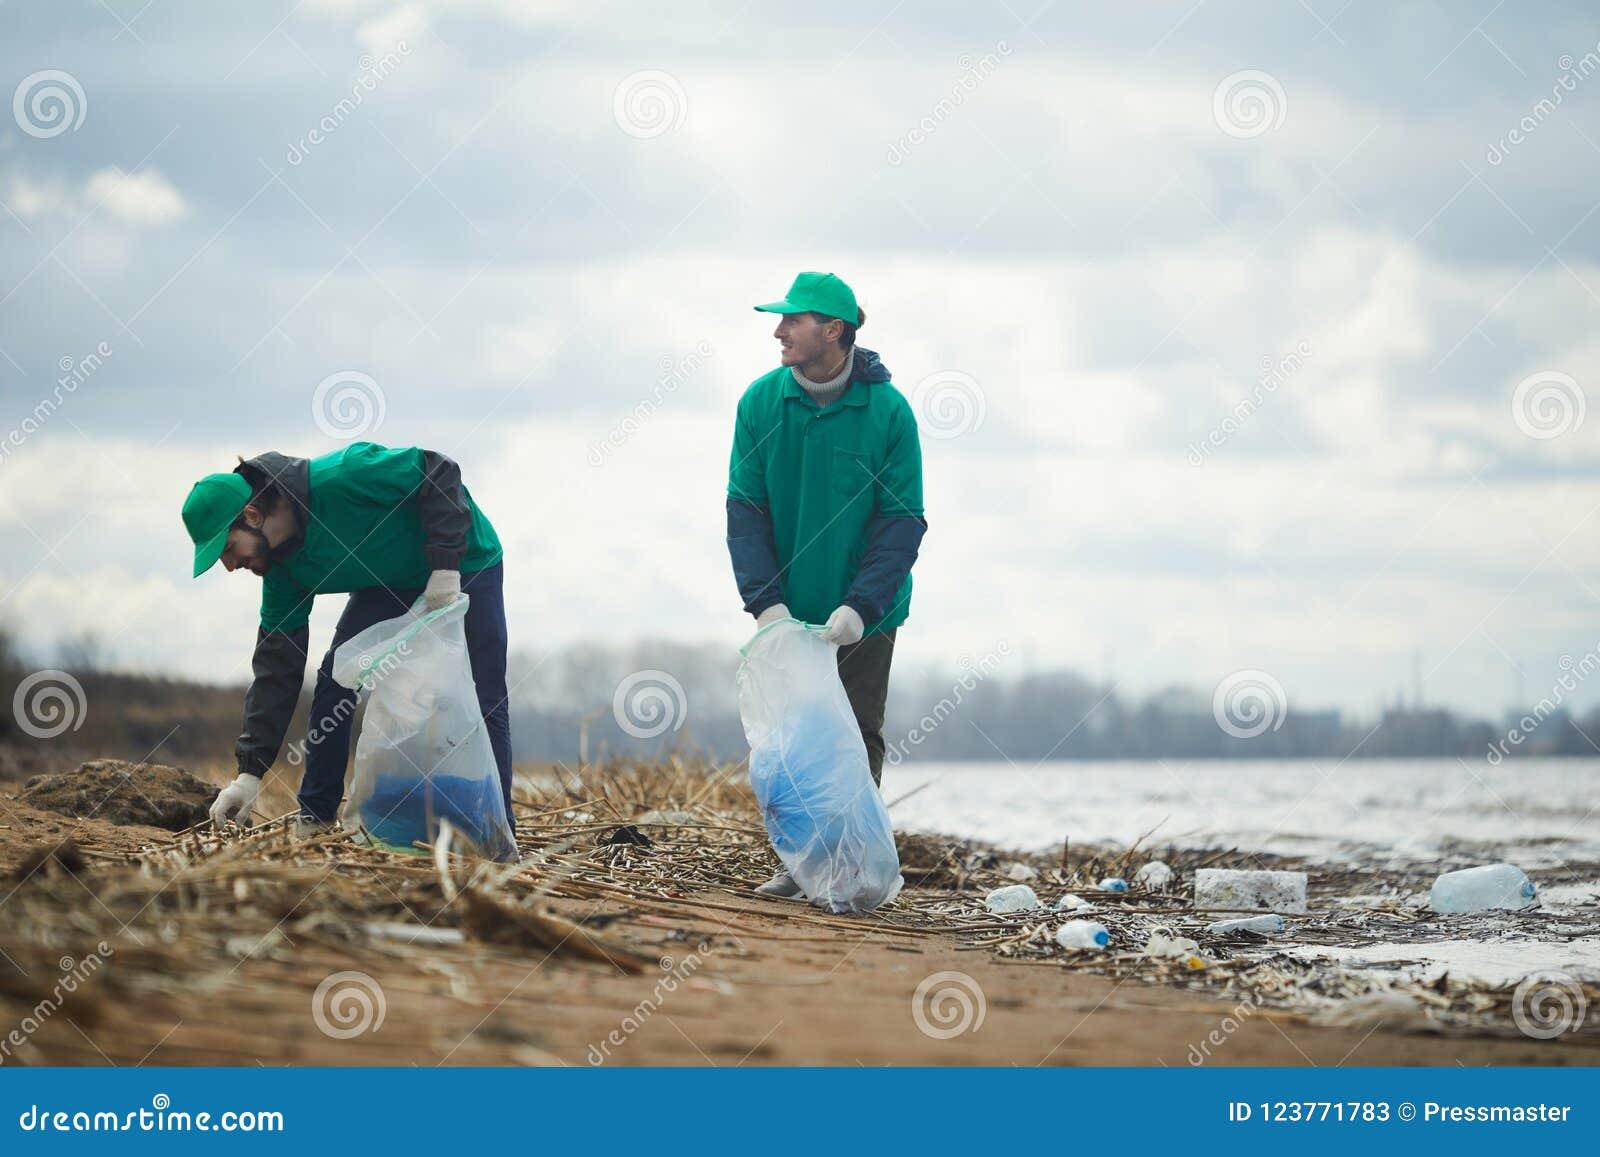 Mensen die aan verontreinigde kust werken